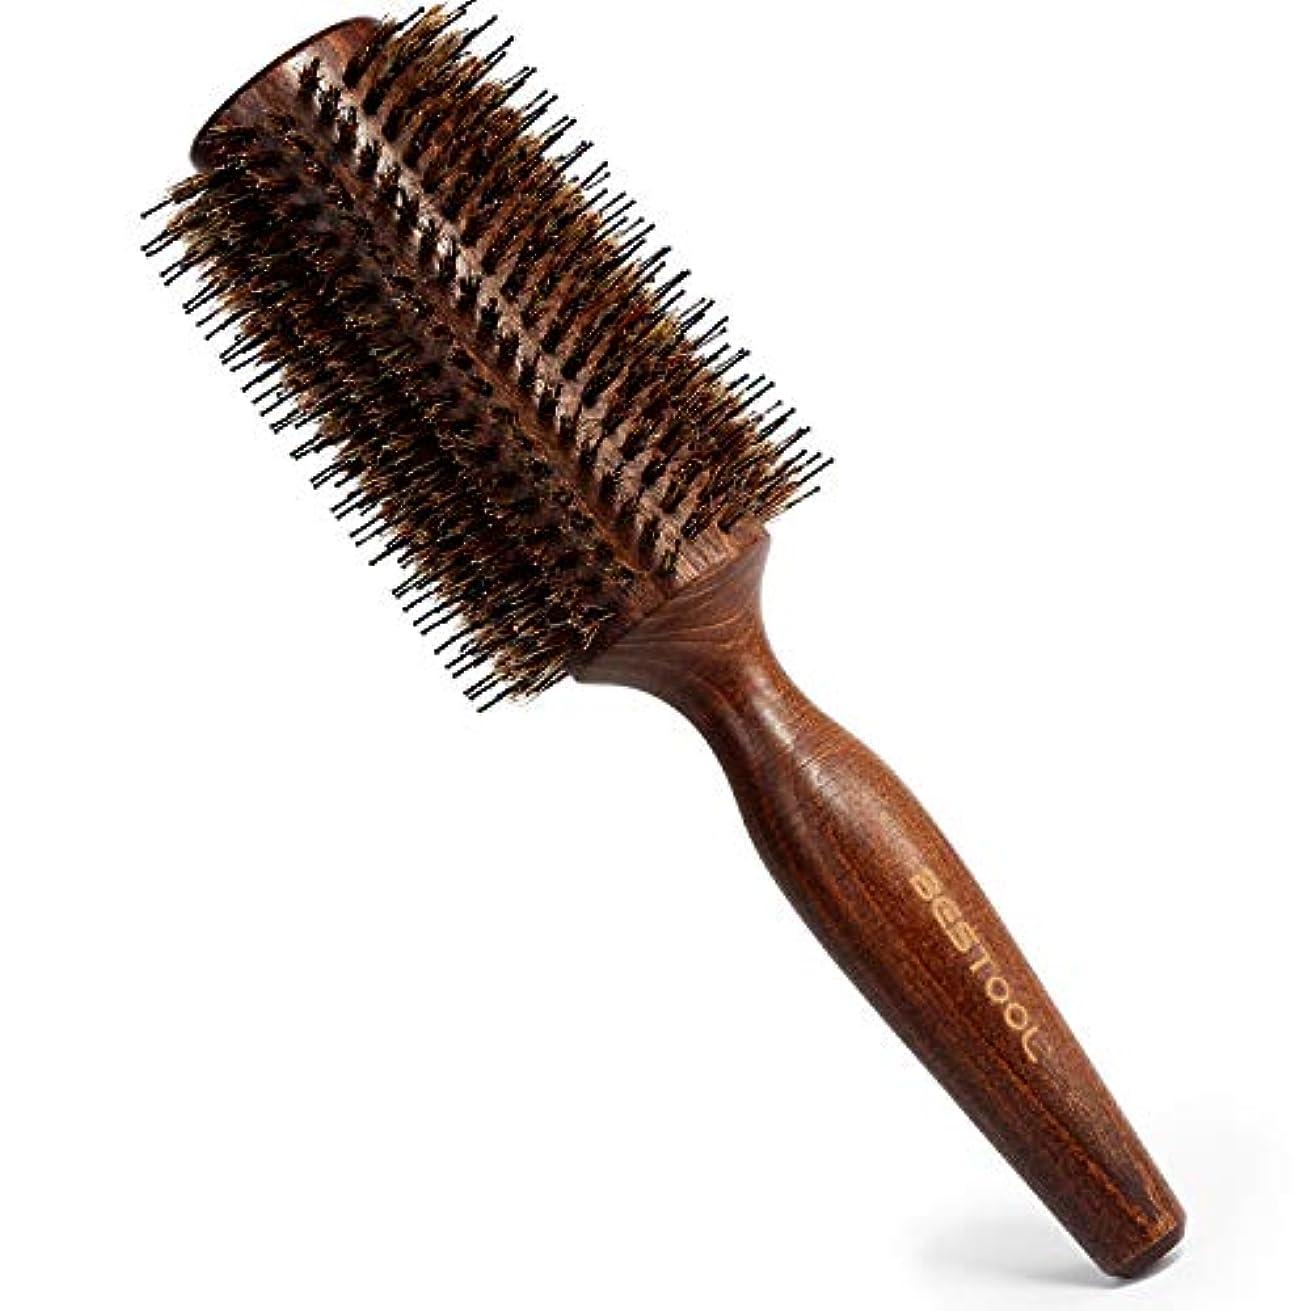 忙しい見積りきつく豚毛ヘアブラシ ロールブラシ Bestool ケヤキ製 髪をつやつやする ファッションヘアブラシ 新型タイプ 高級美容ヘアブラシ (L, ケヤキ)